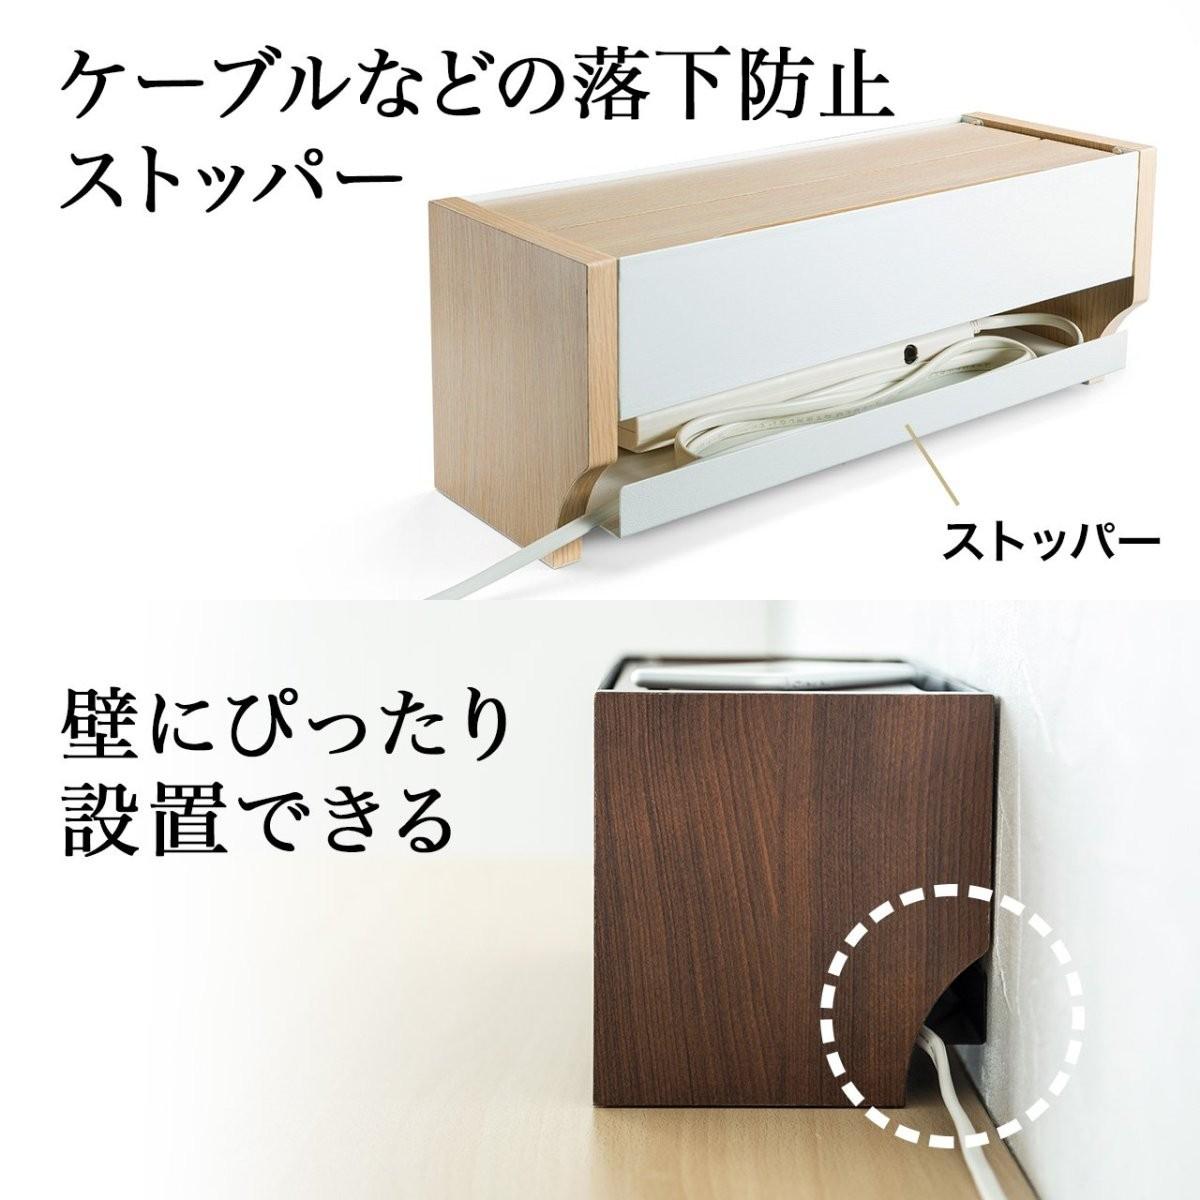 ケーブルボックス 200-CB006DM (ダークブラウン)の商品画像|4